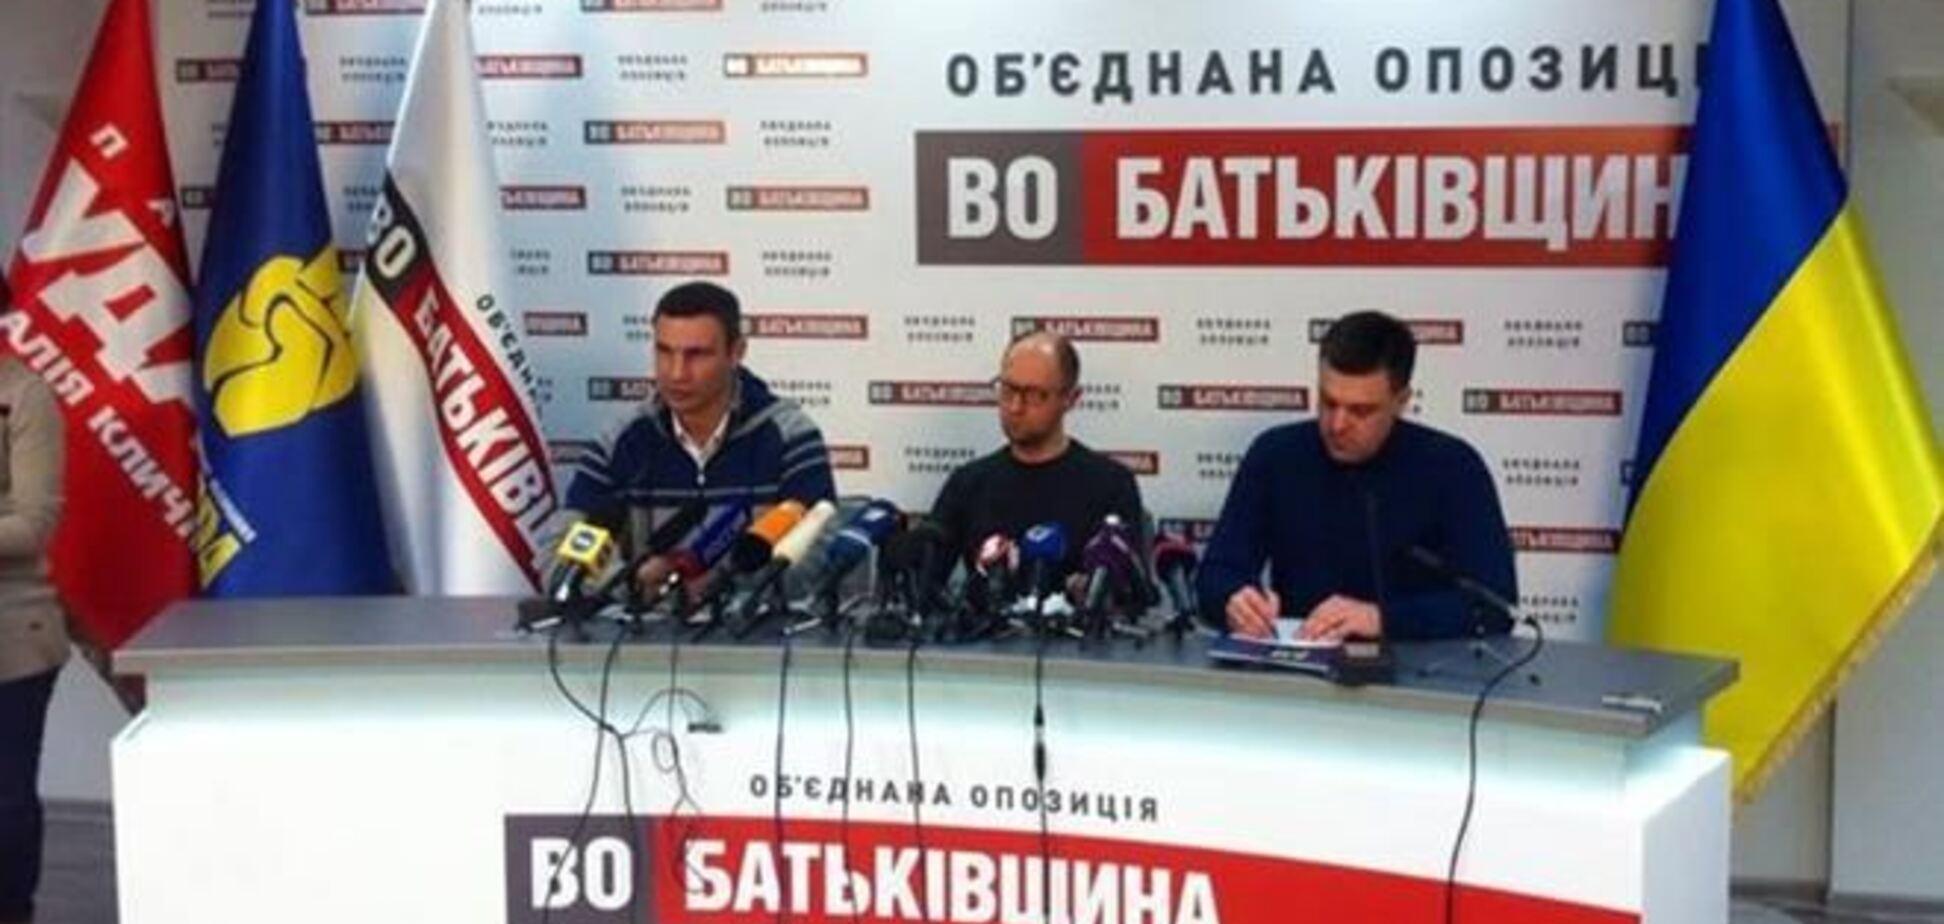 Оппозиция готовит общенациональный страйк